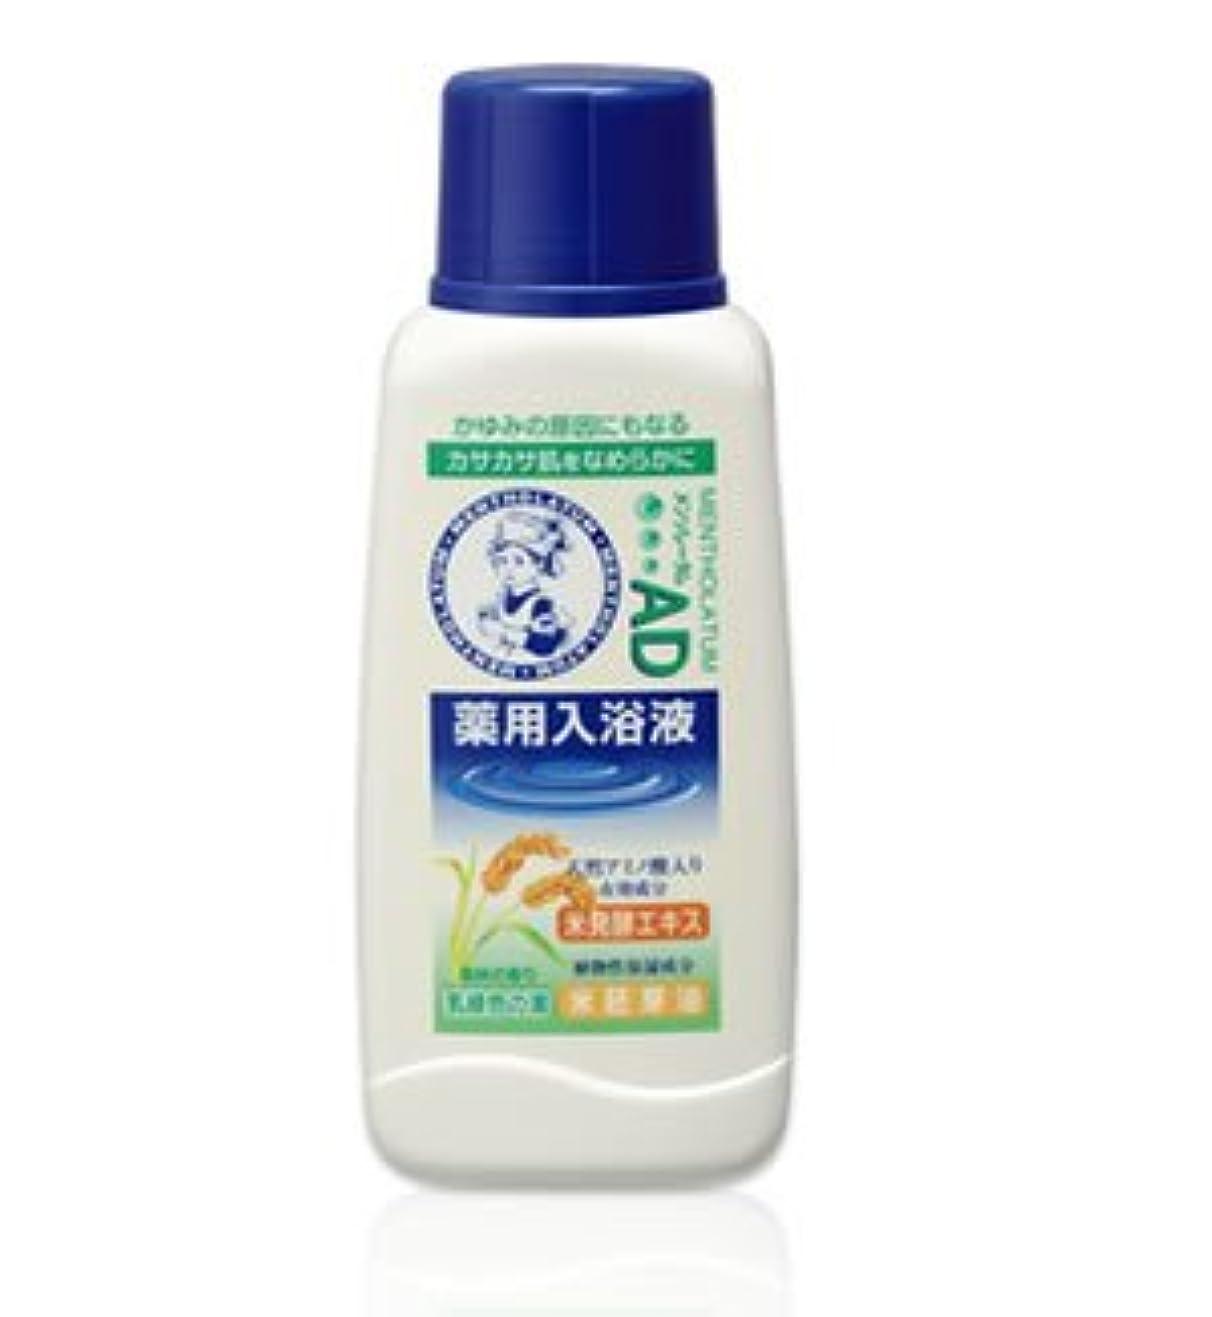 ぶら下がる文字批判的に(ロート)メンソレータム AD薬用入浴剤 森林の香り720ml(医薬部外品)(お買い得3本セット)